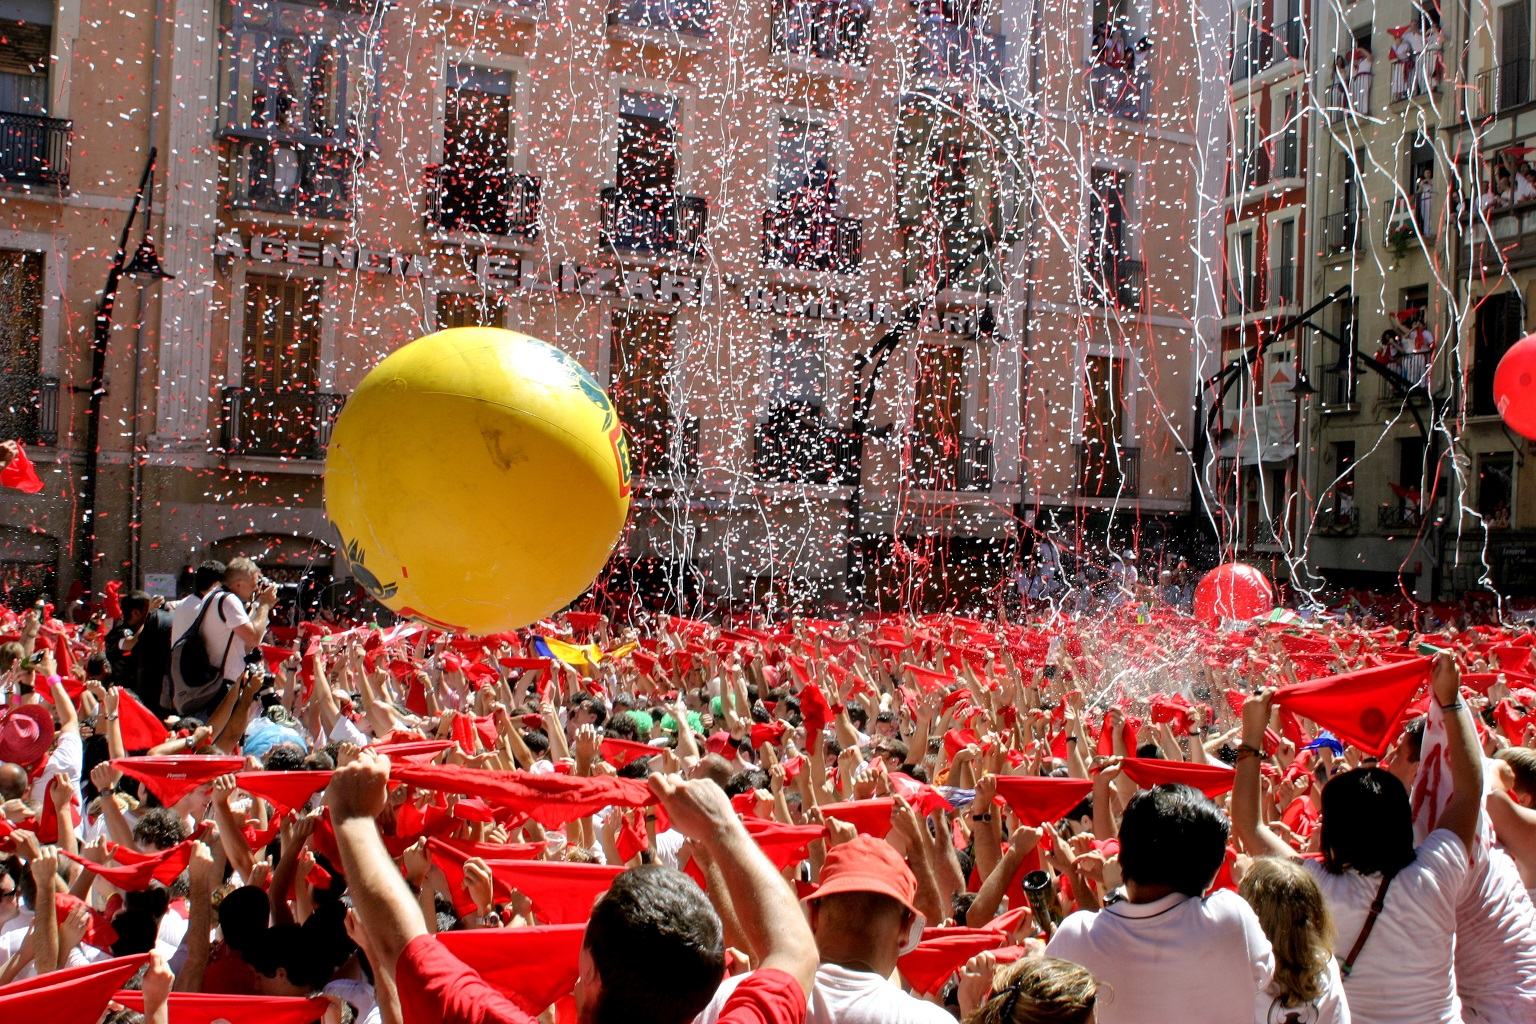 fiestas del mundo Participantes en la plaza del ayuntamiento de Pamplona en el inicio de las fiestas, el famoso chupinazo.